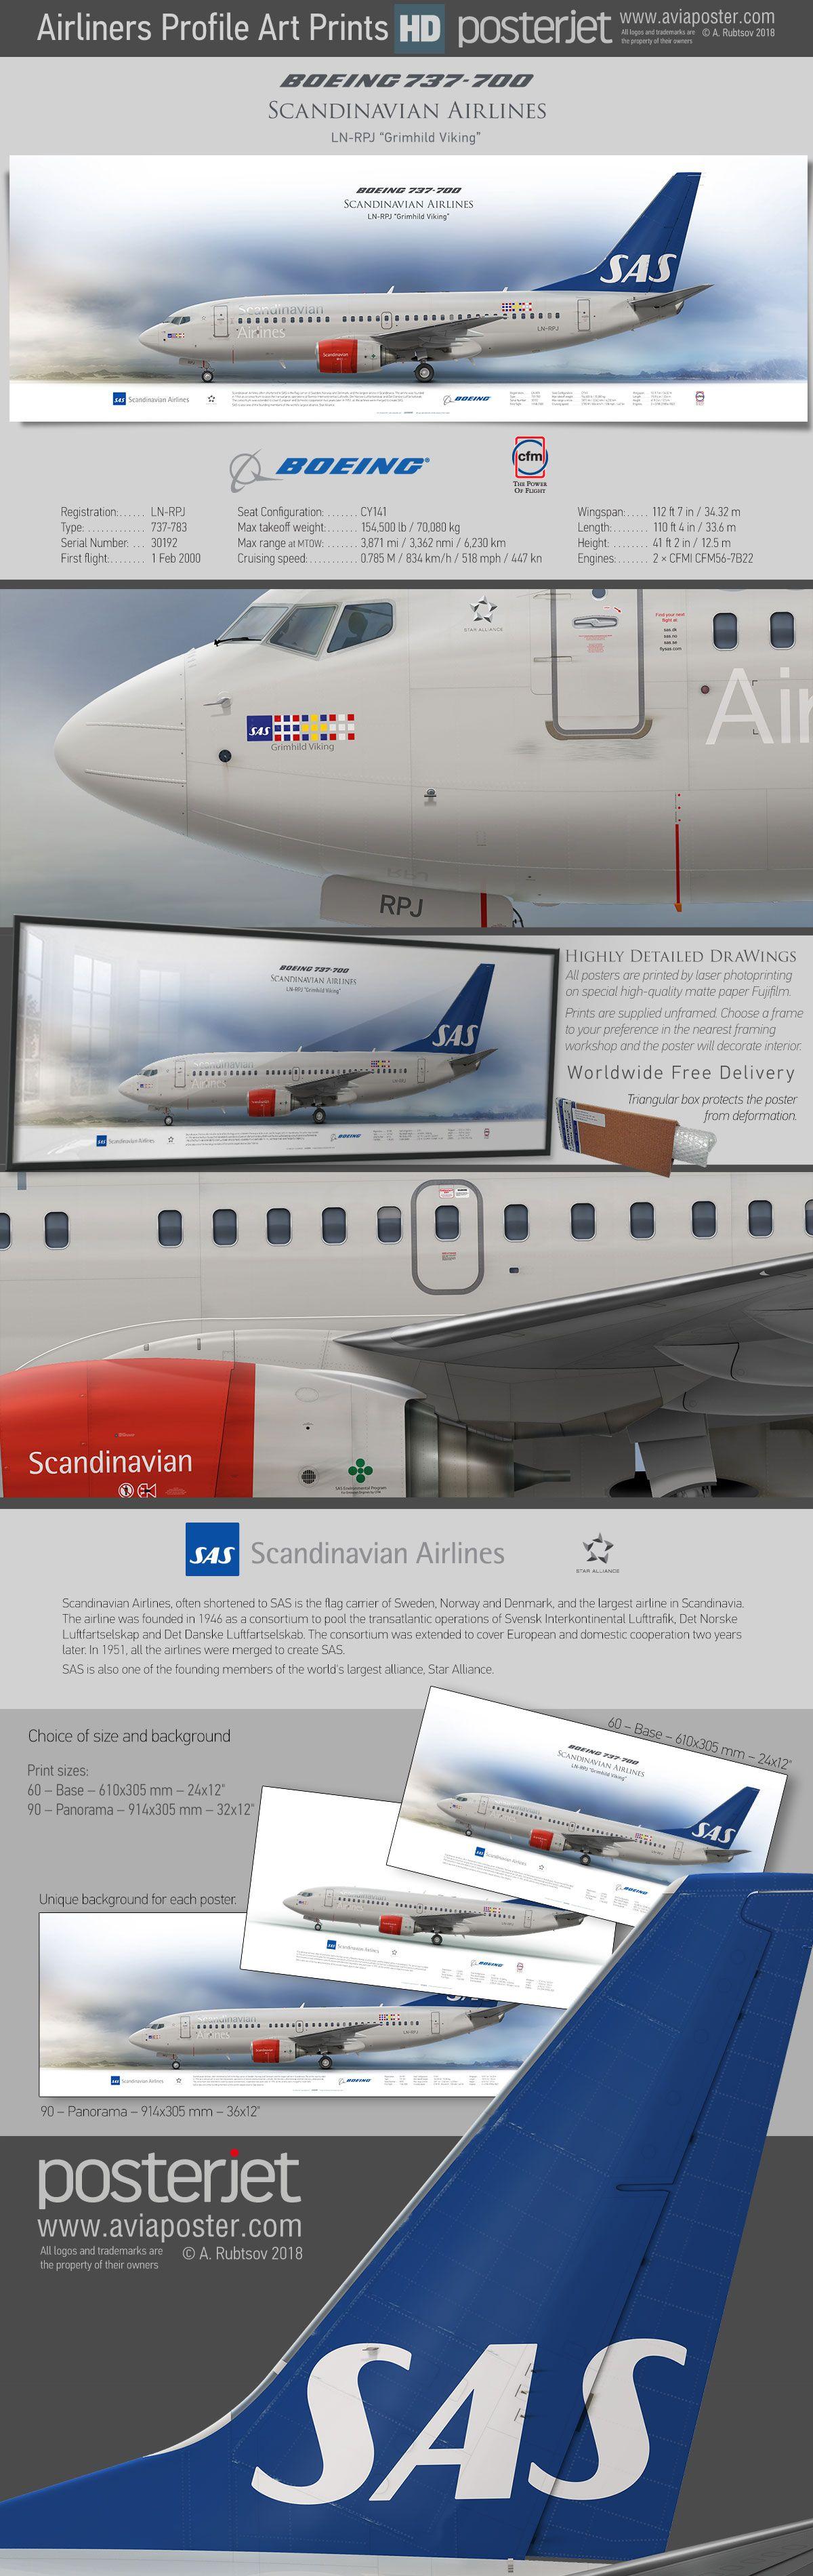 Boeing 737 700 Scandinavian Airlines Ln Rpj Www Aviaposter Com Aviation Jetliner Airplane Pilot Aviati Aviones De Combate Aviones Aviones Comerciales